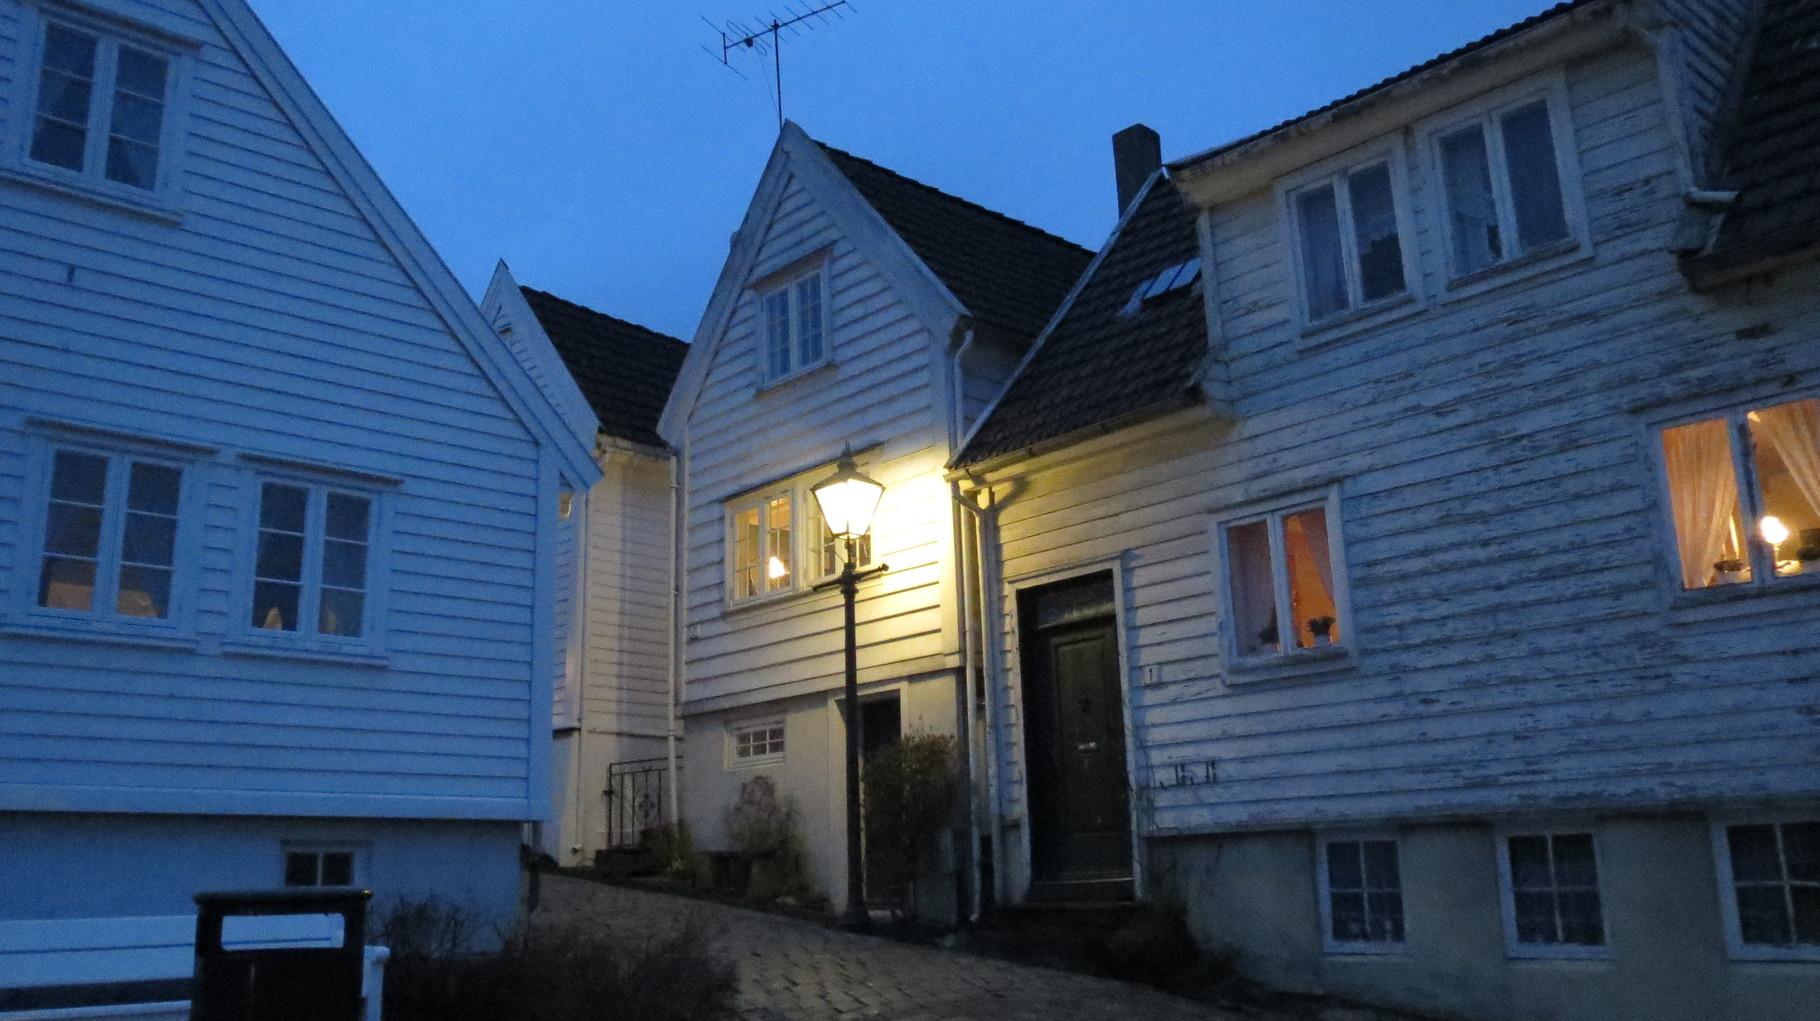 In diesem behaglichen Haus (das hinter der Laterne) von Sindre und Chris haben wir dann den letzten Abend verbracht.